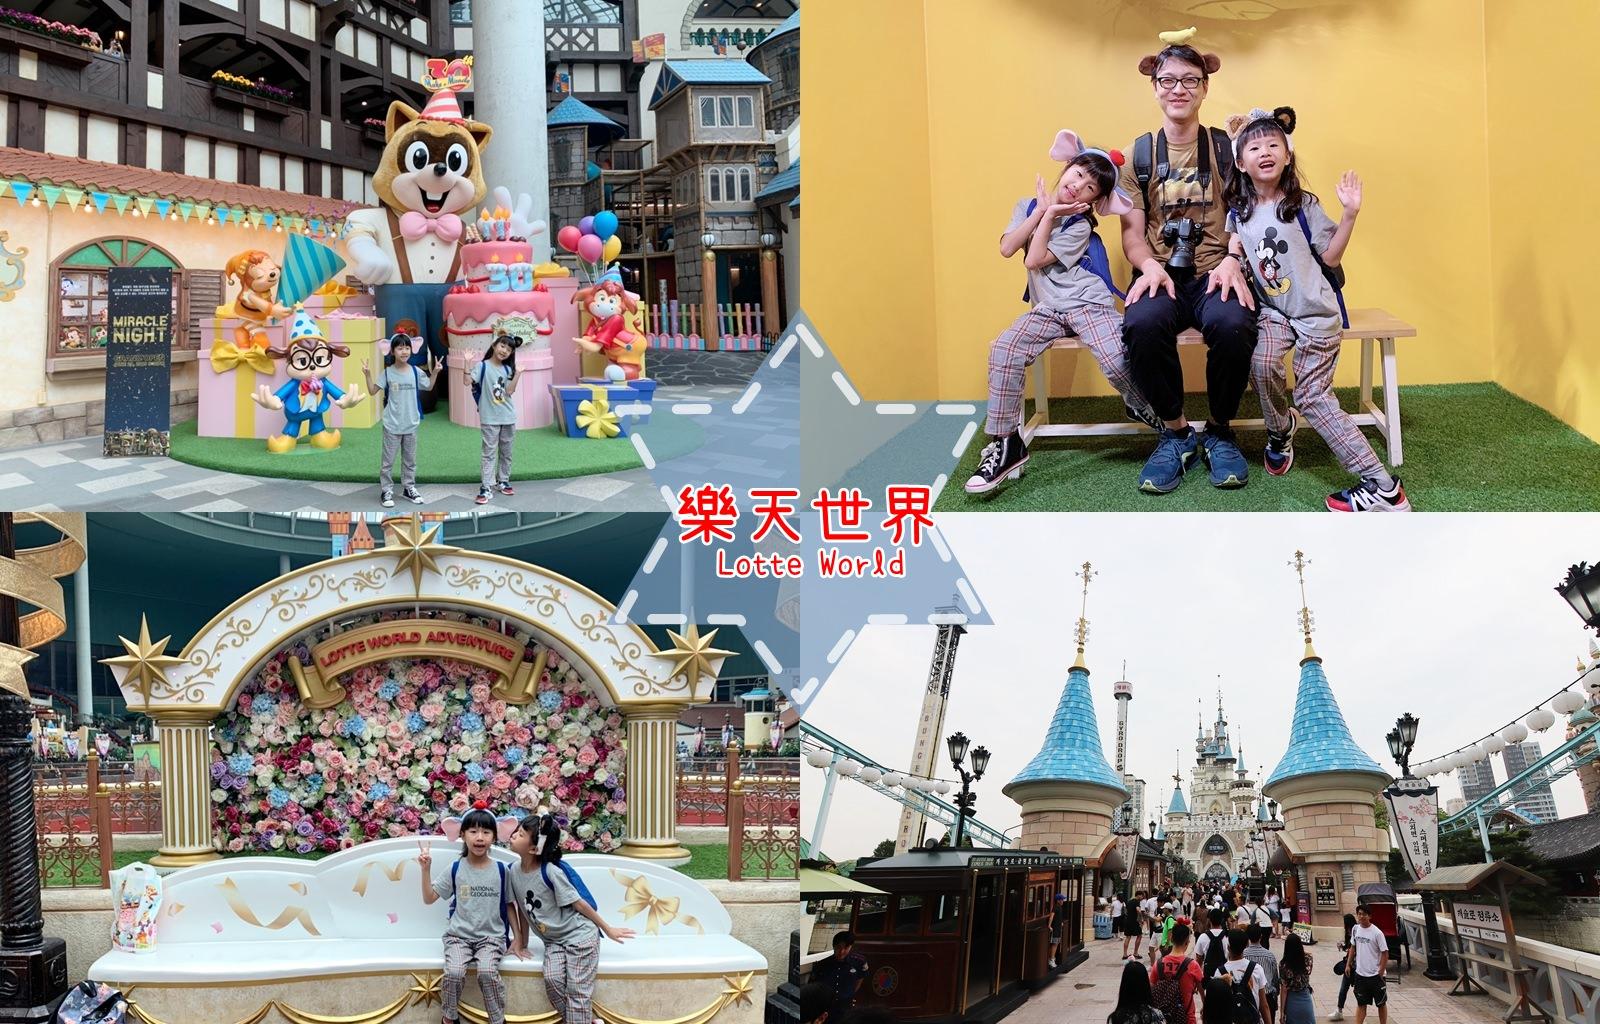 首爾必去樂園 樂天世界+樂天水族館 一整天玩不膩! 溜小孩最適合! 大推親子行程